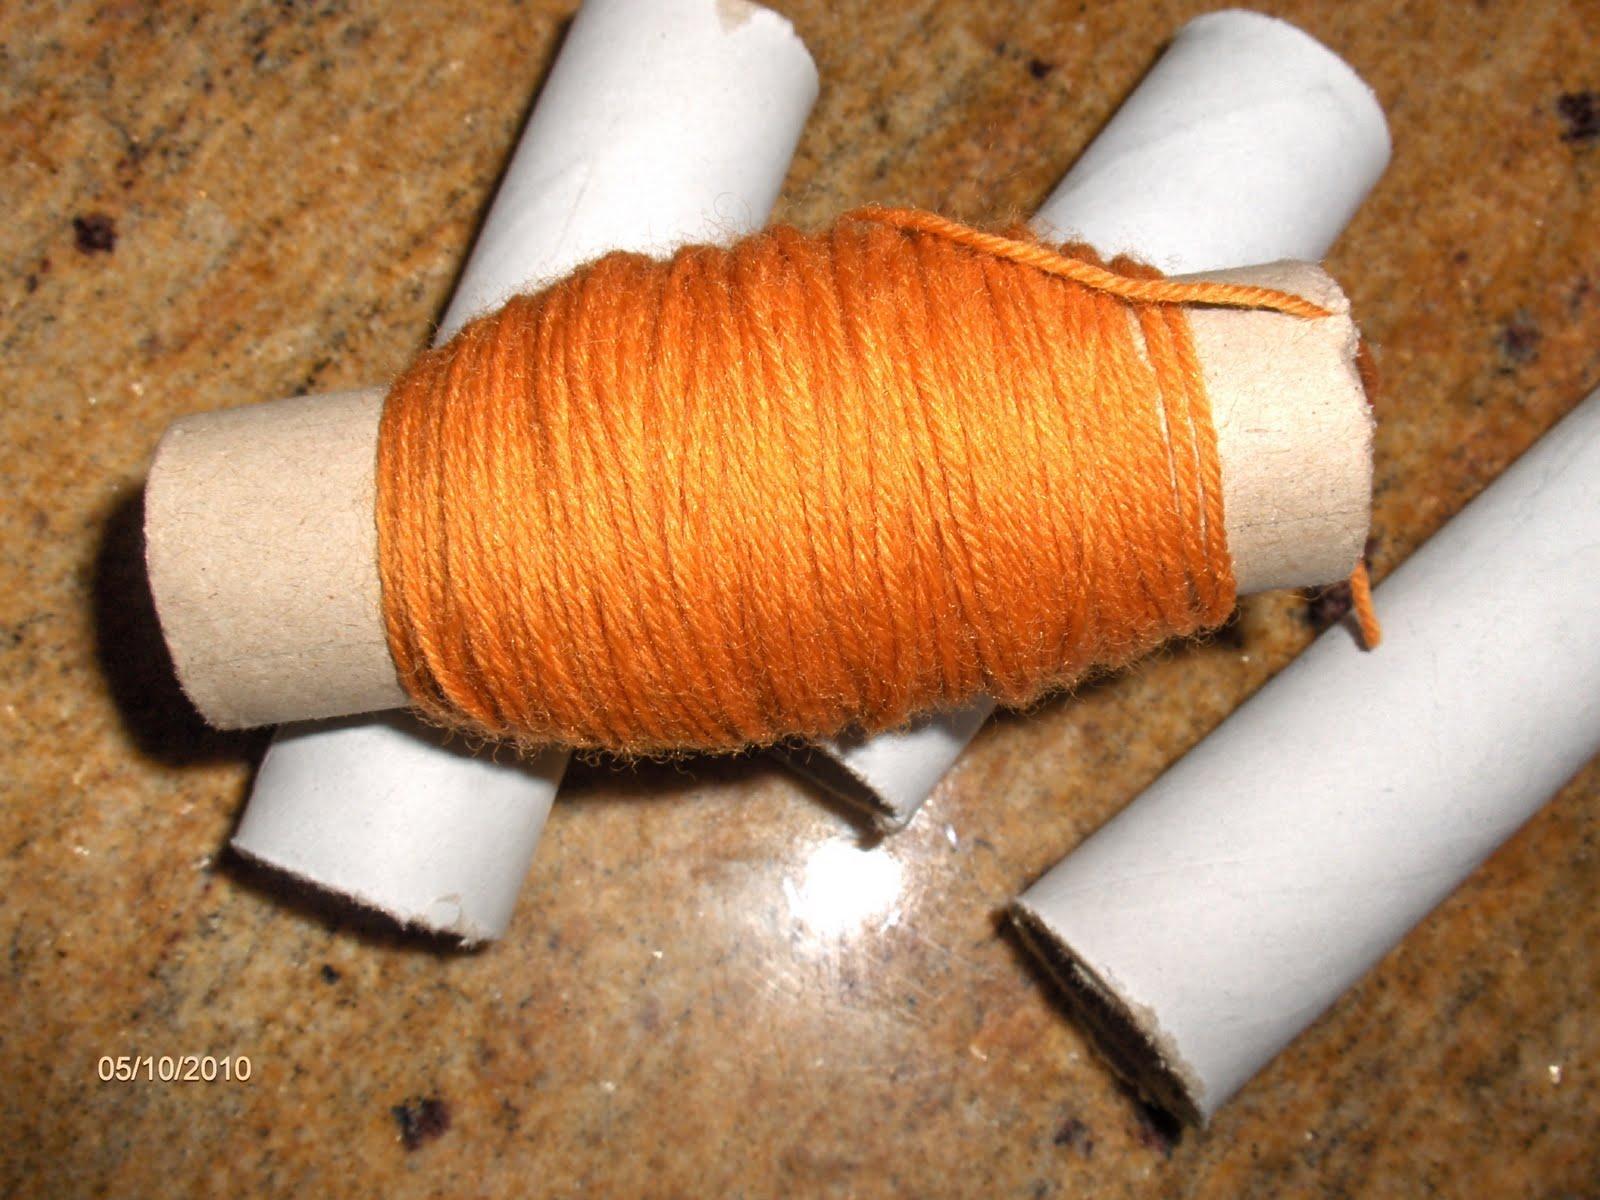 Aprendiz reciclar tubo cart n para almacenar restos de lanas - Reciclar restos de lana ...